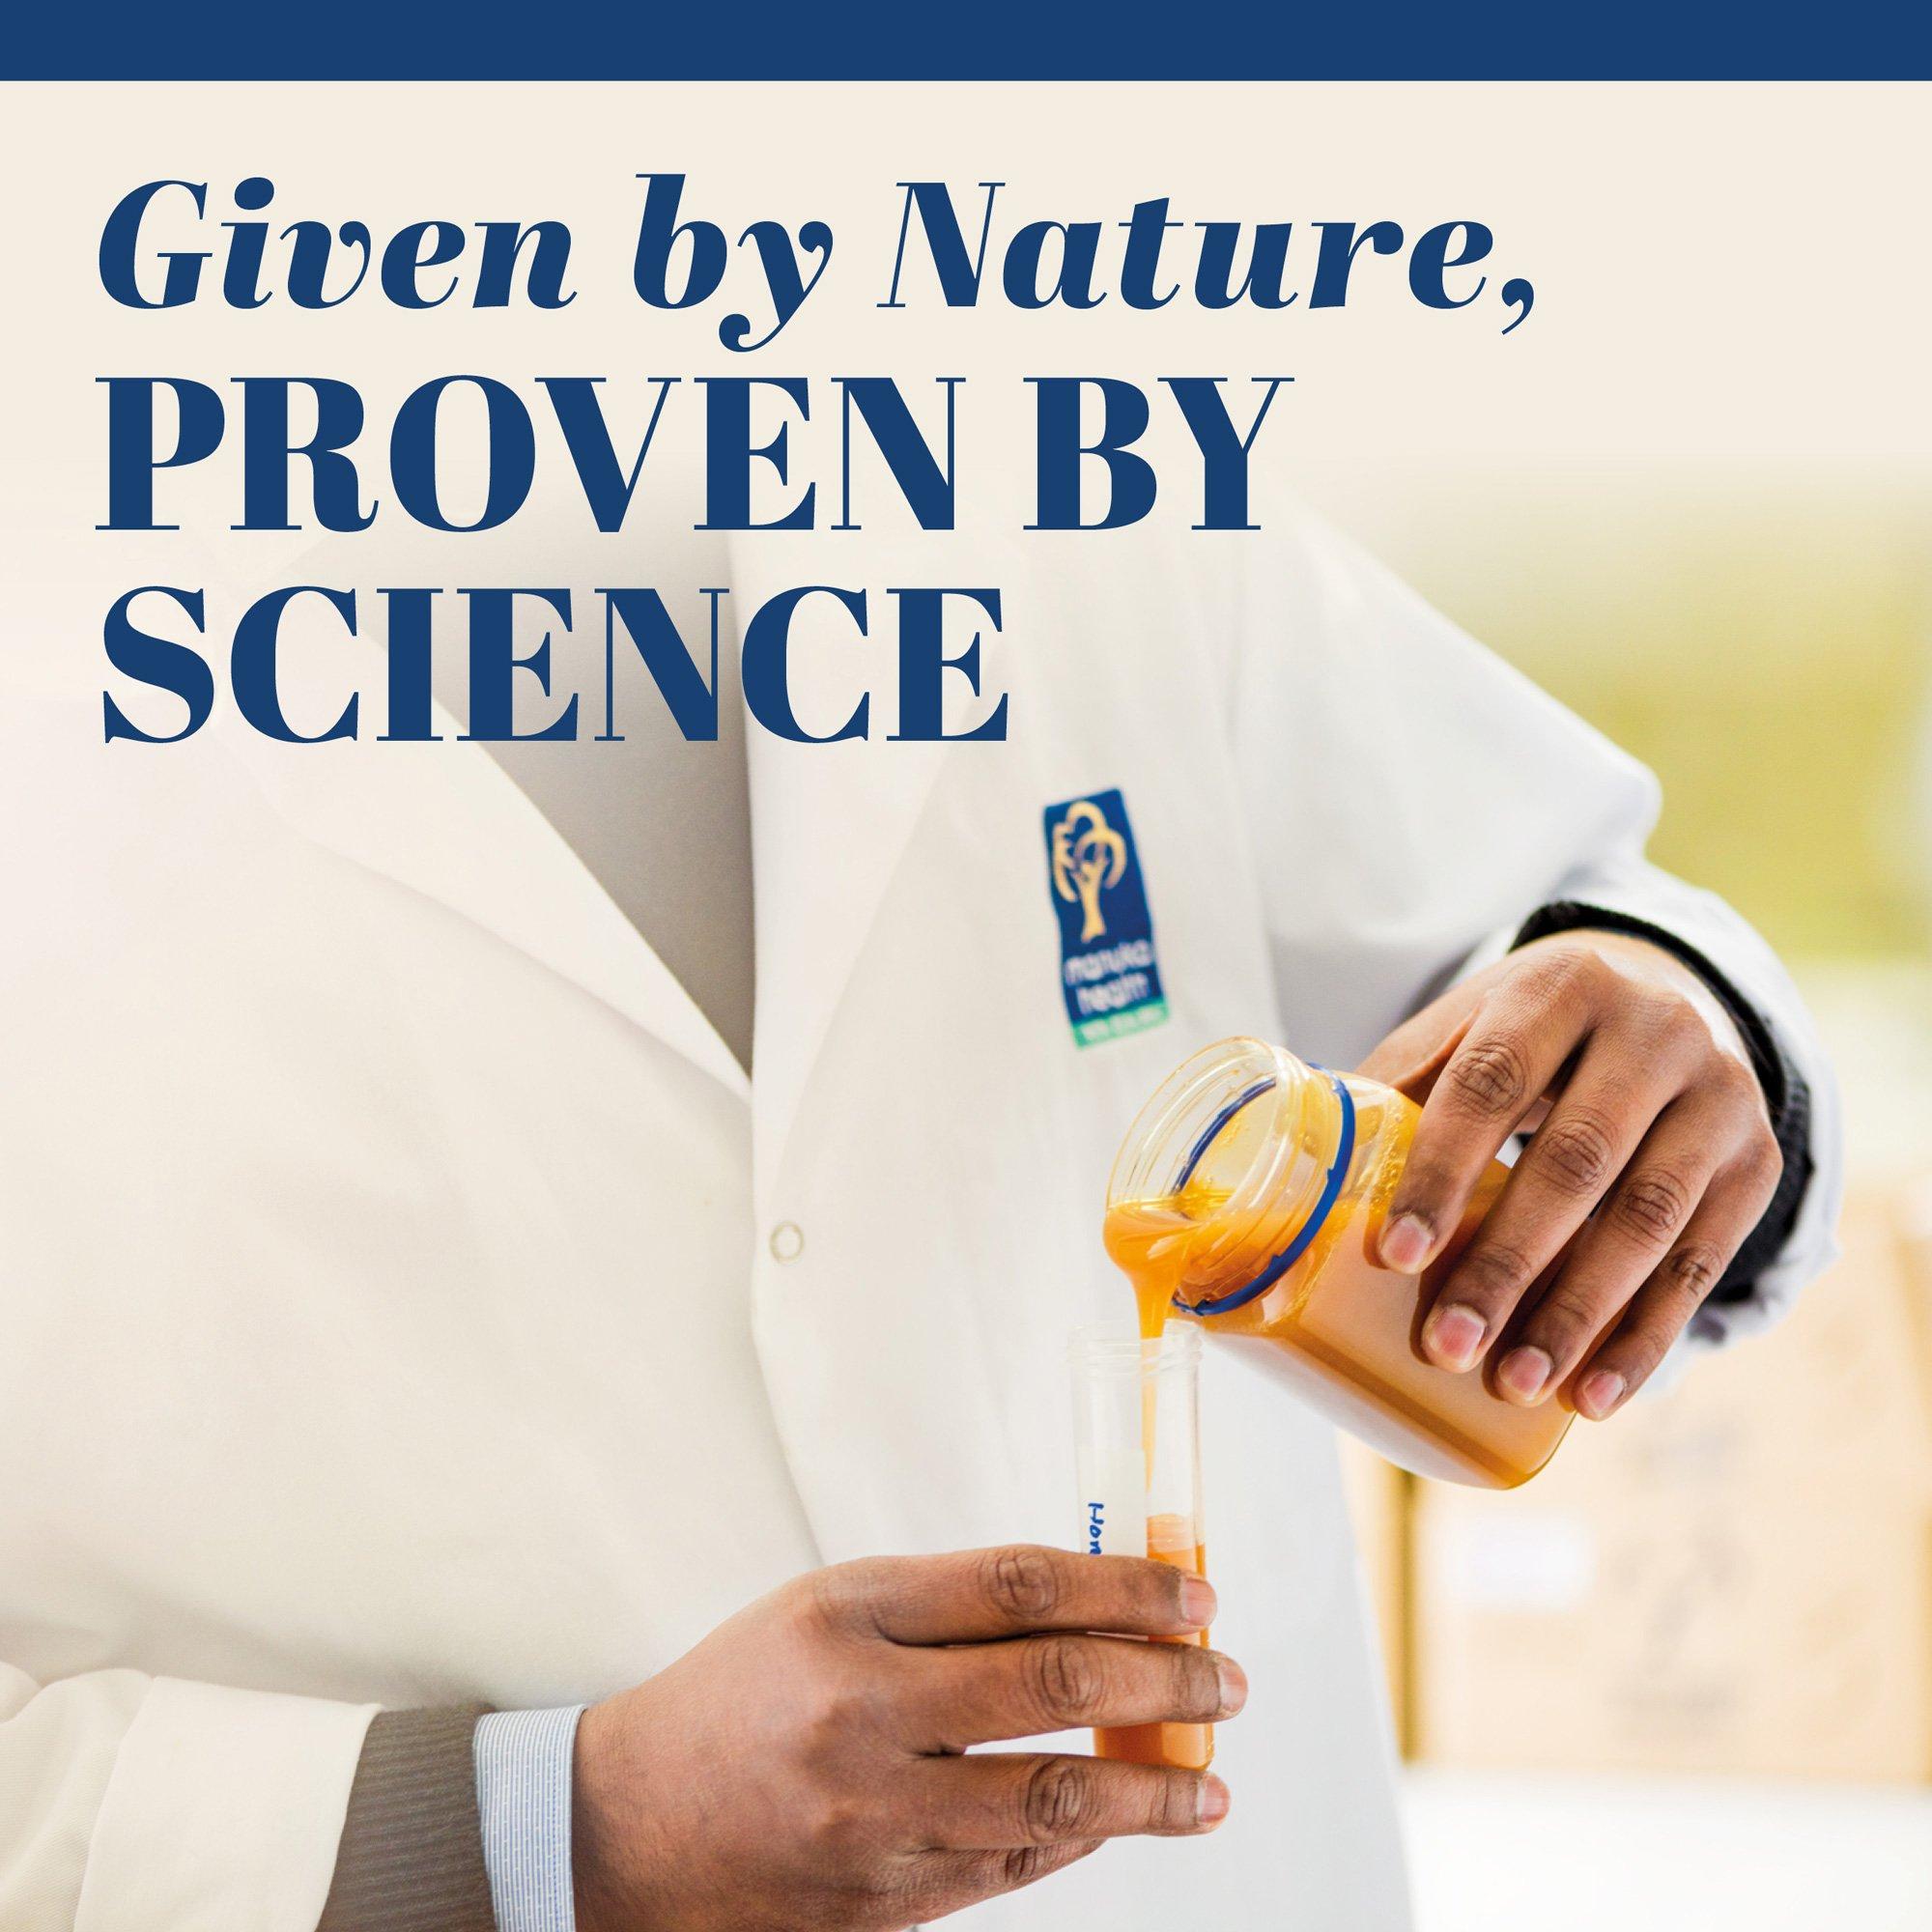 MANUKA HEALTH - MGO 550+ Manuka Honey, 100% Pure New Zealand Honey, 8.8 oz (250 g) (FFP) by Manuka Health (Image #3)